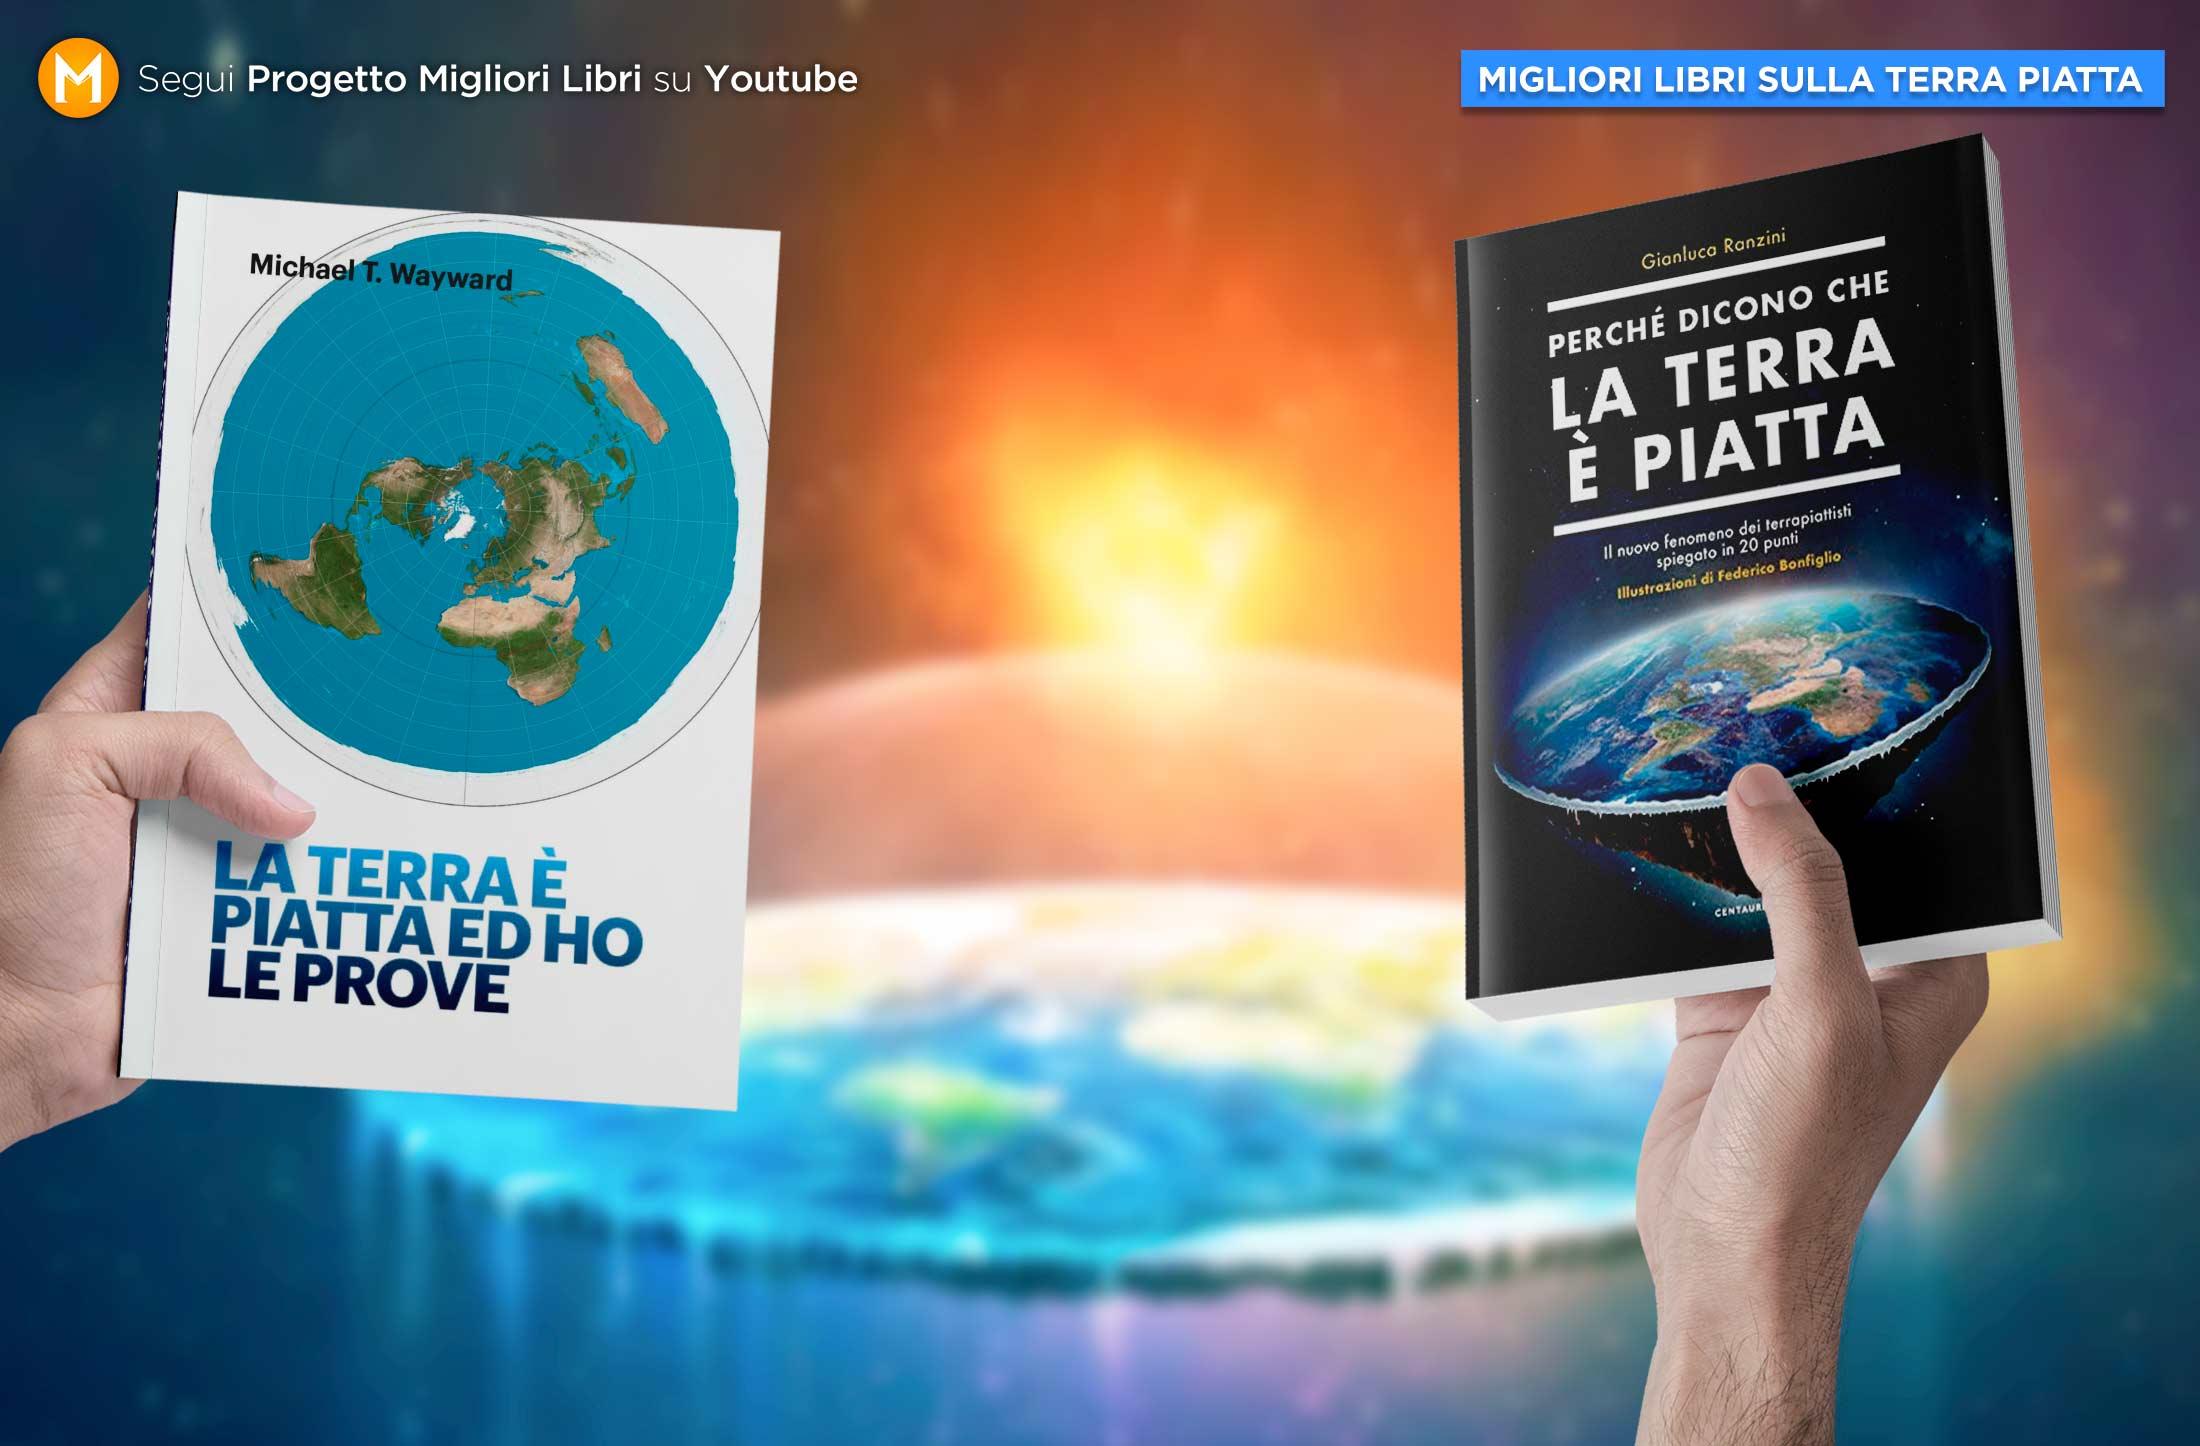 migliori-libri-sulla-terra-piatta